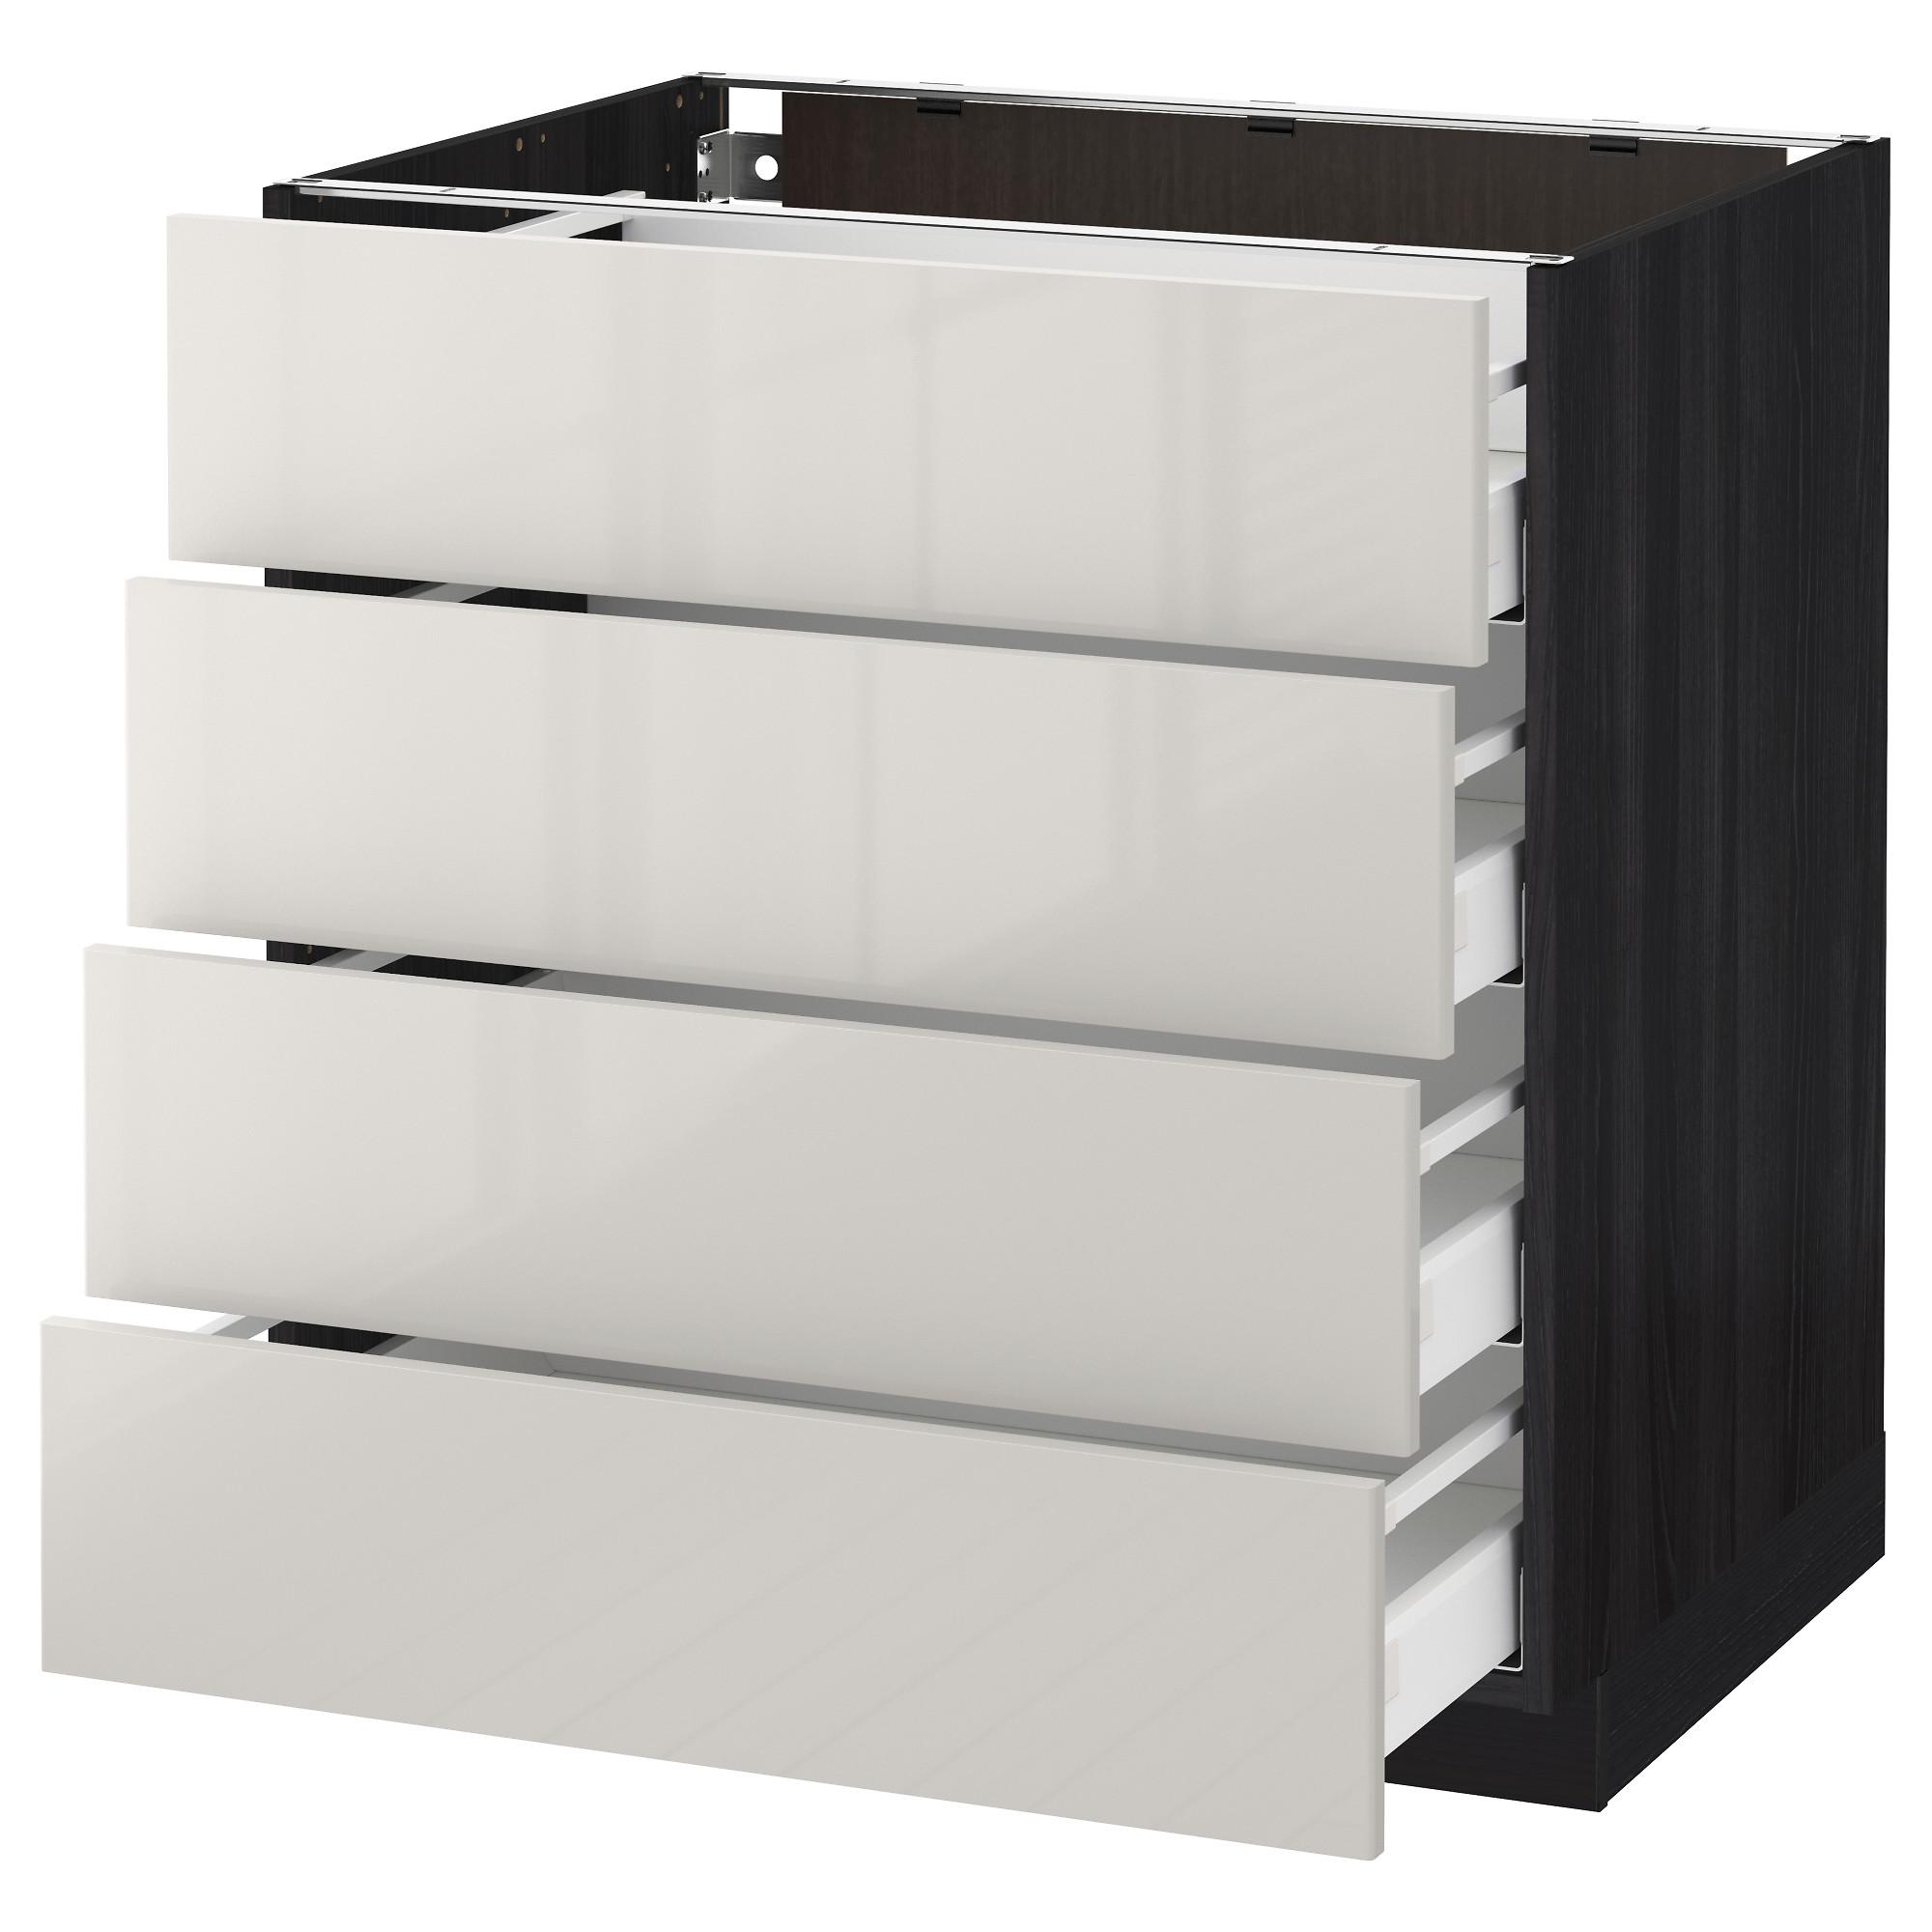 Напольный шкаф 4 фронтальных панели, 4 ящика МЕТОД / МАКСИМЕРА черный артикуль № 292.354.80 в наличии. Онлайн магазин IKEA РБ. Быстрая доставка и соборка.